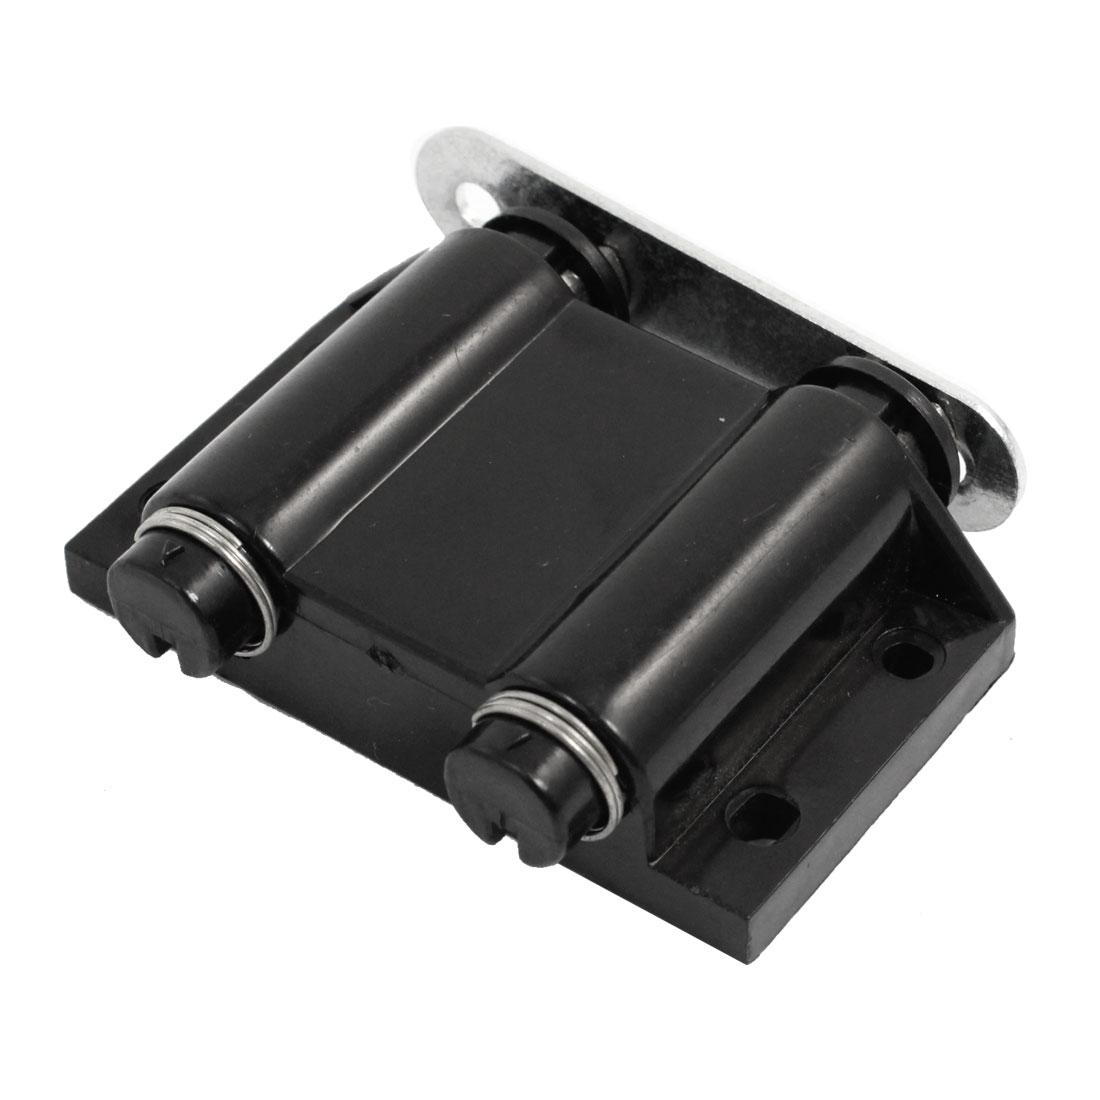 Black Plastic Double Magnetic Press Head Door Catch Latch Replacement 6cm Width